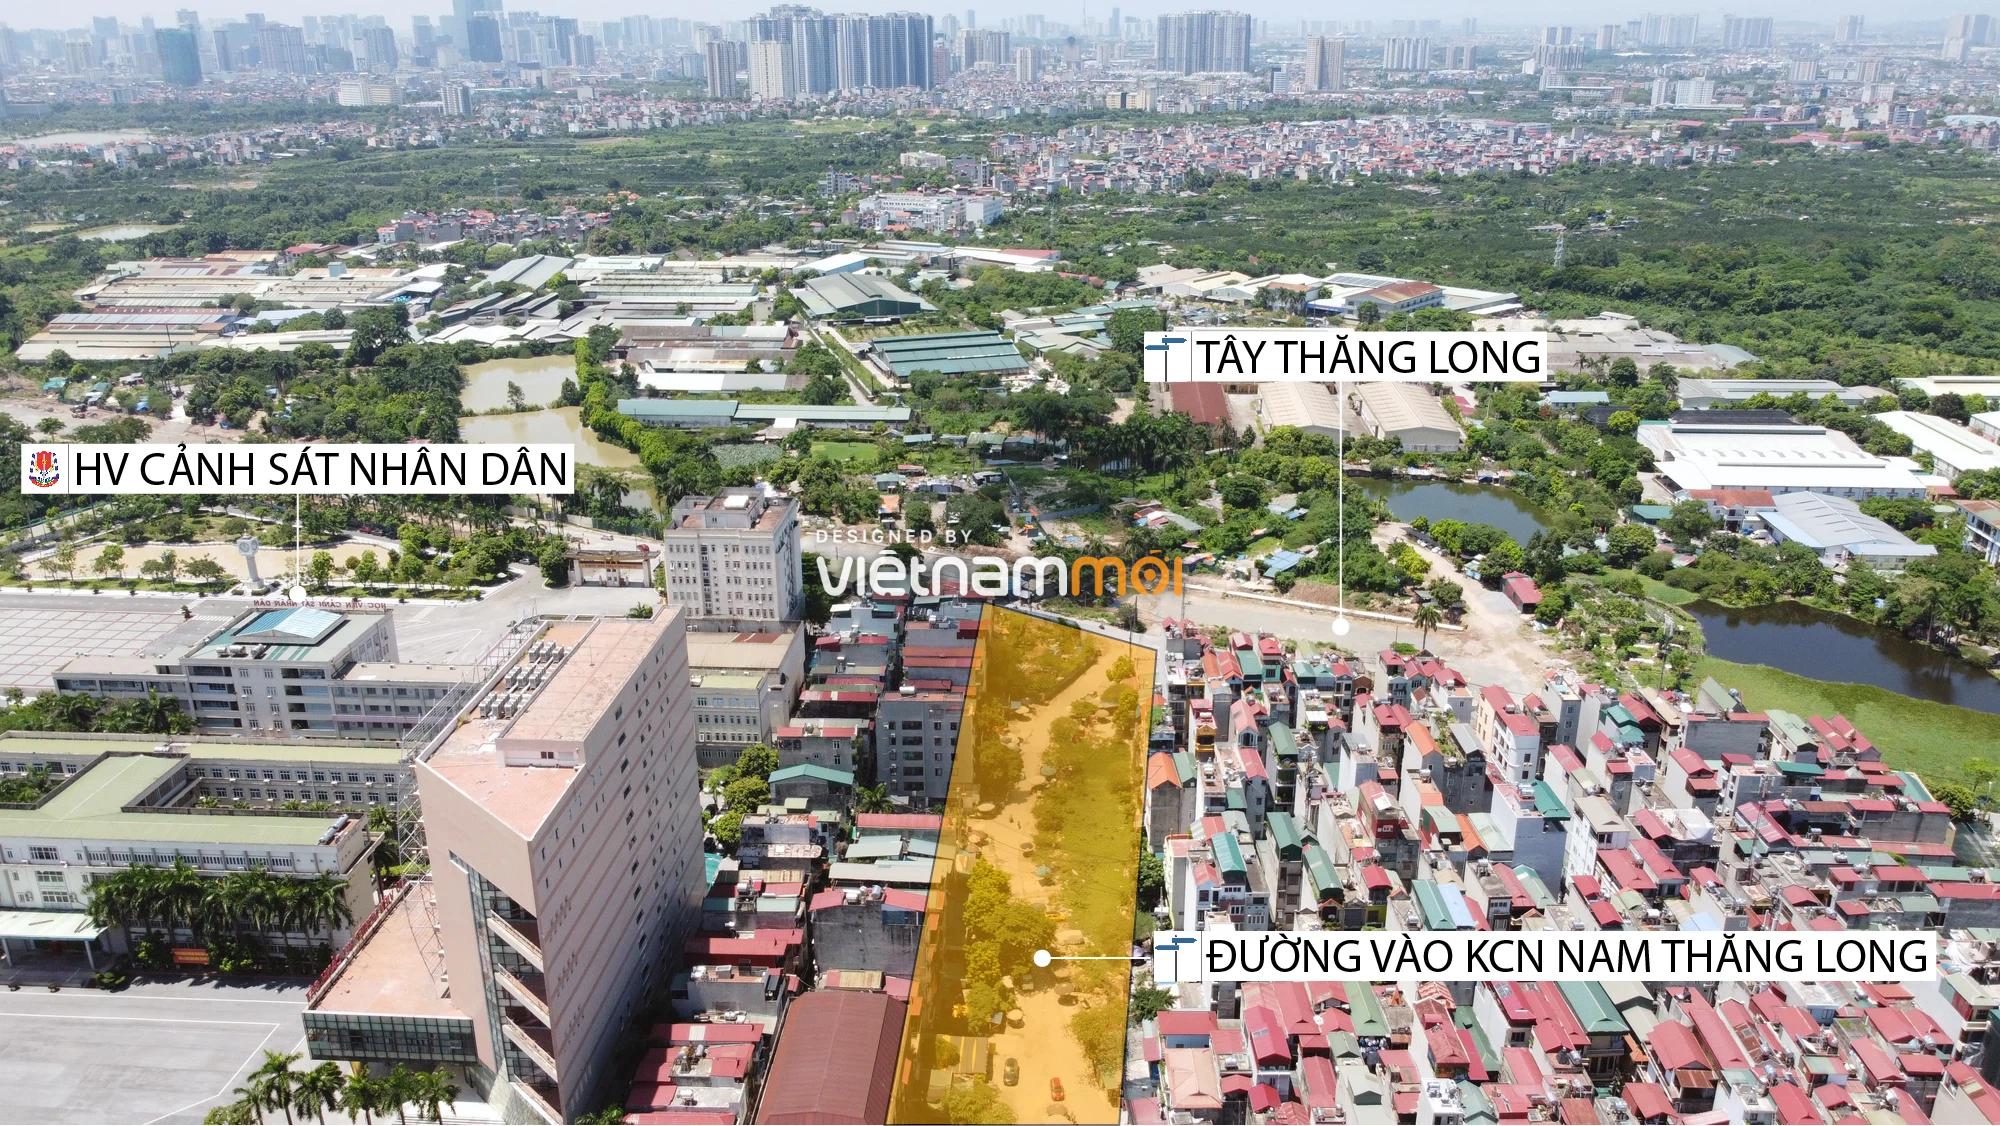 Chuyển động mới ở dự án đường vào KCN Nam Thăng Long, Bắc Từ Liêm, Hà Nội - Ảnh 1.